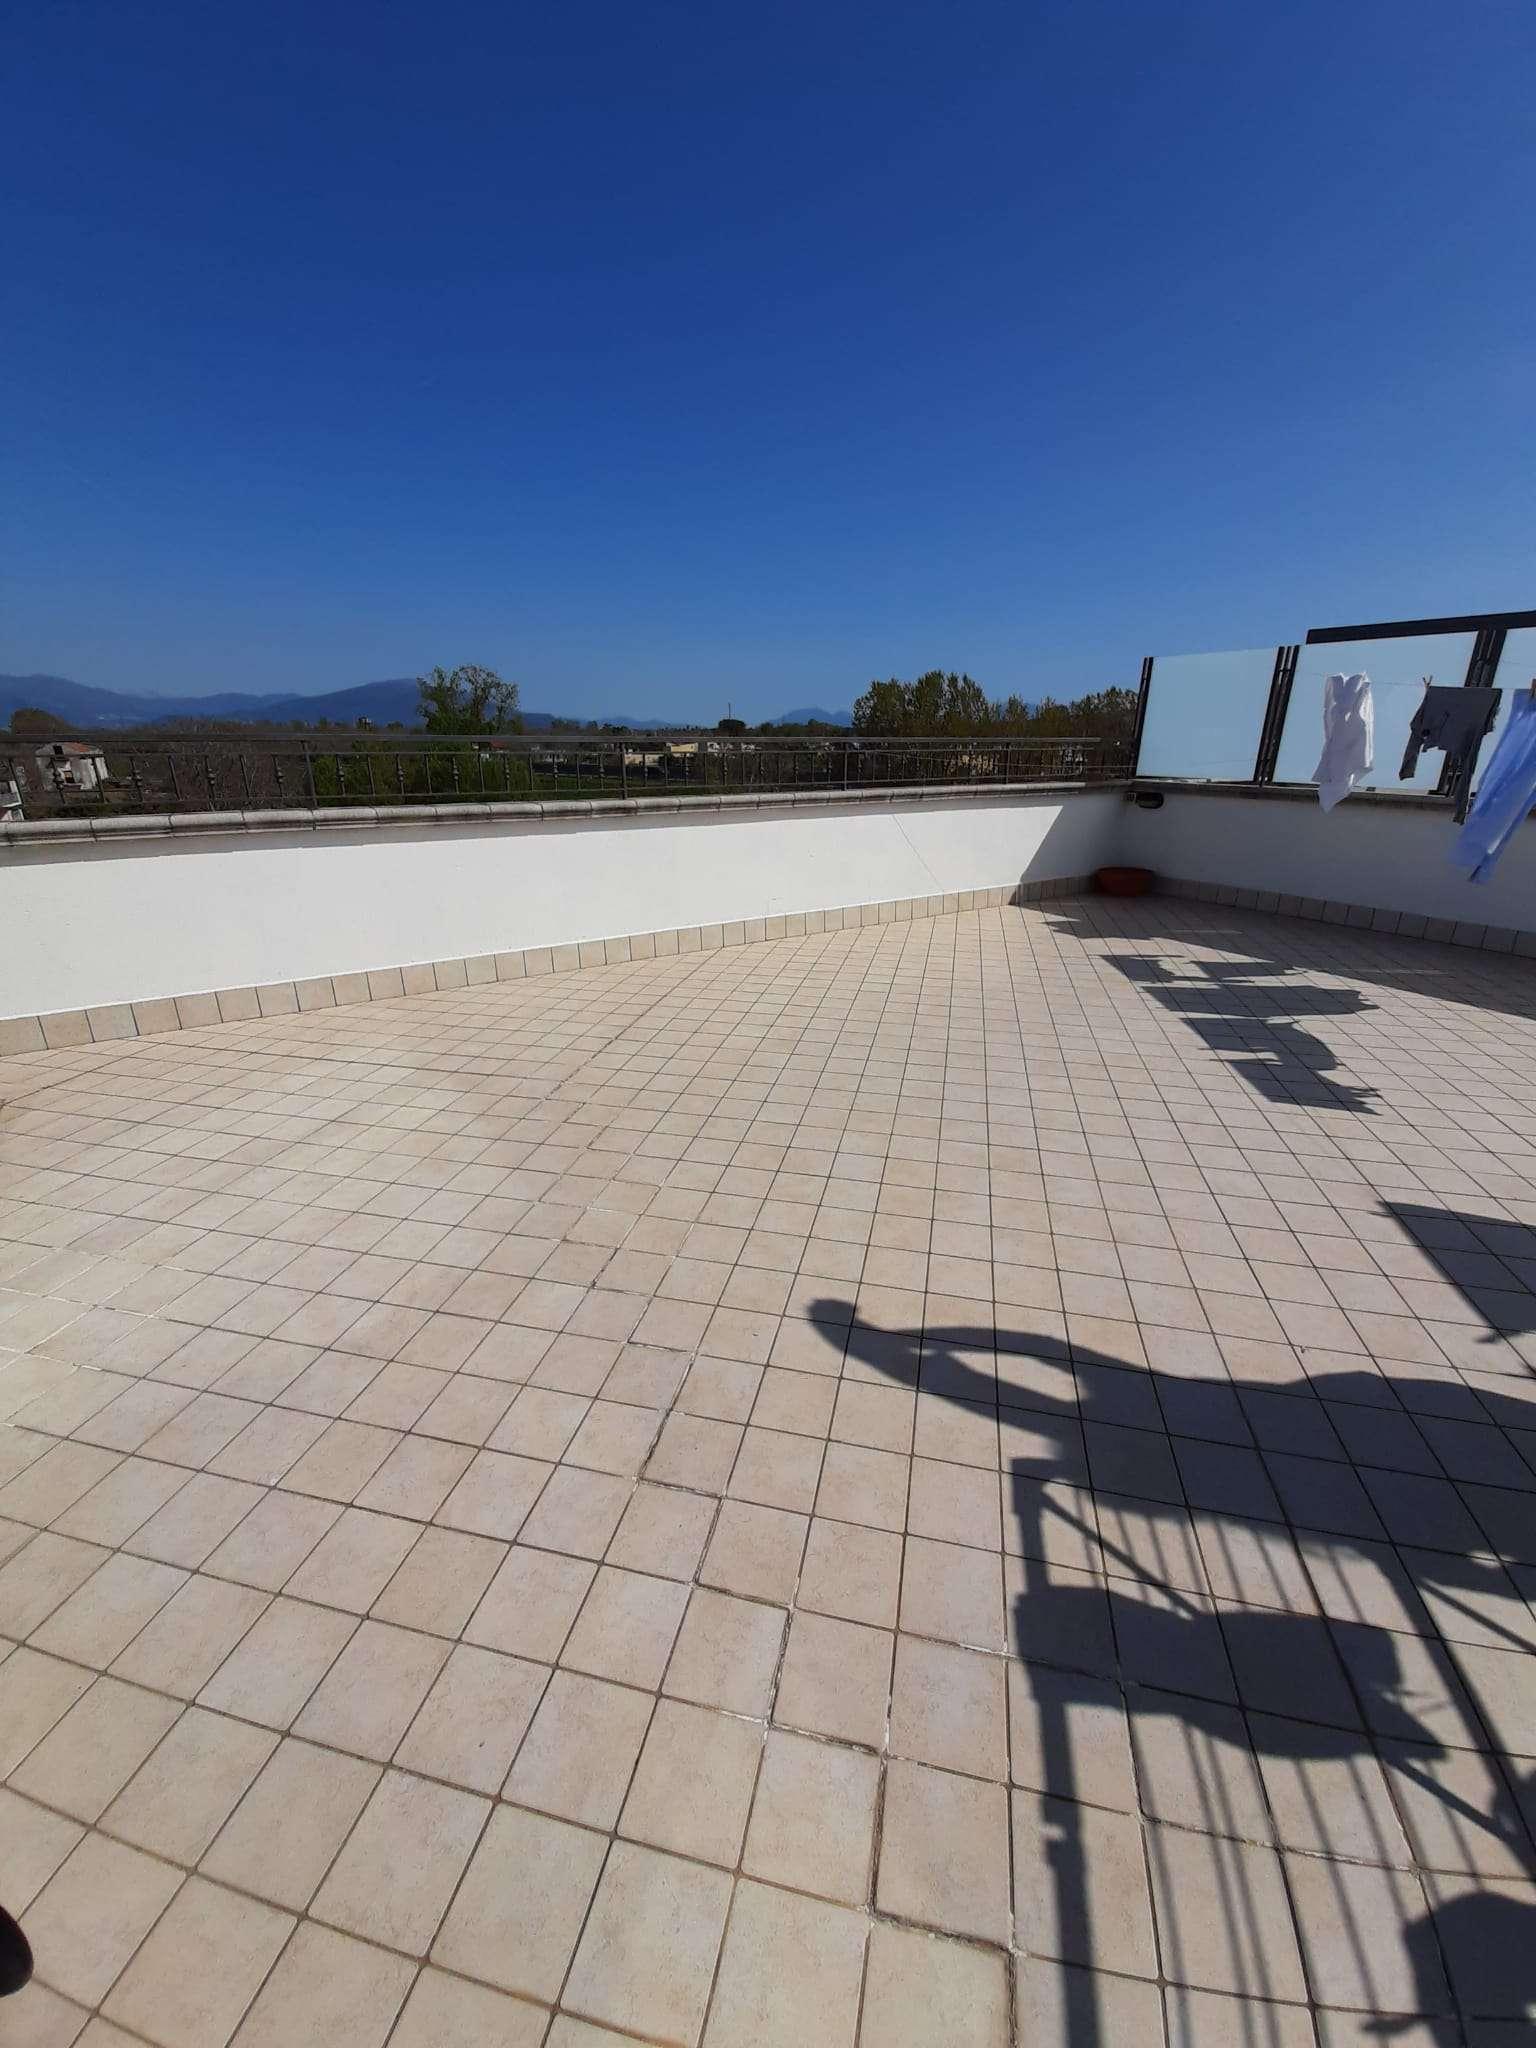 Appartamento in vendita a Marigliano, 5 locali, prezzo € 163.000 | PortaleAgenzieImmobiliari.it